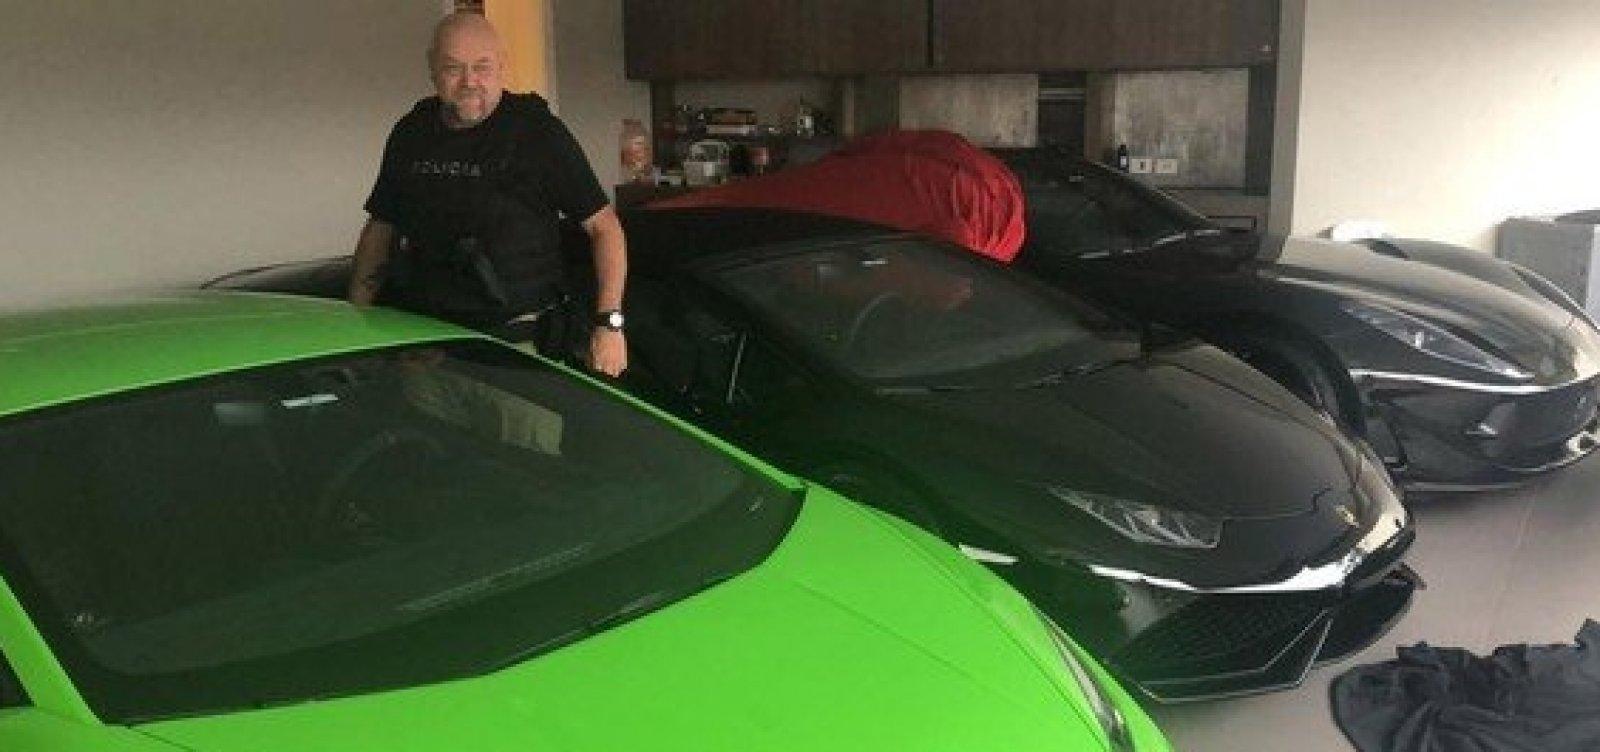 Carros de luxo são apreendidos em operação contra fraude bancária em SP